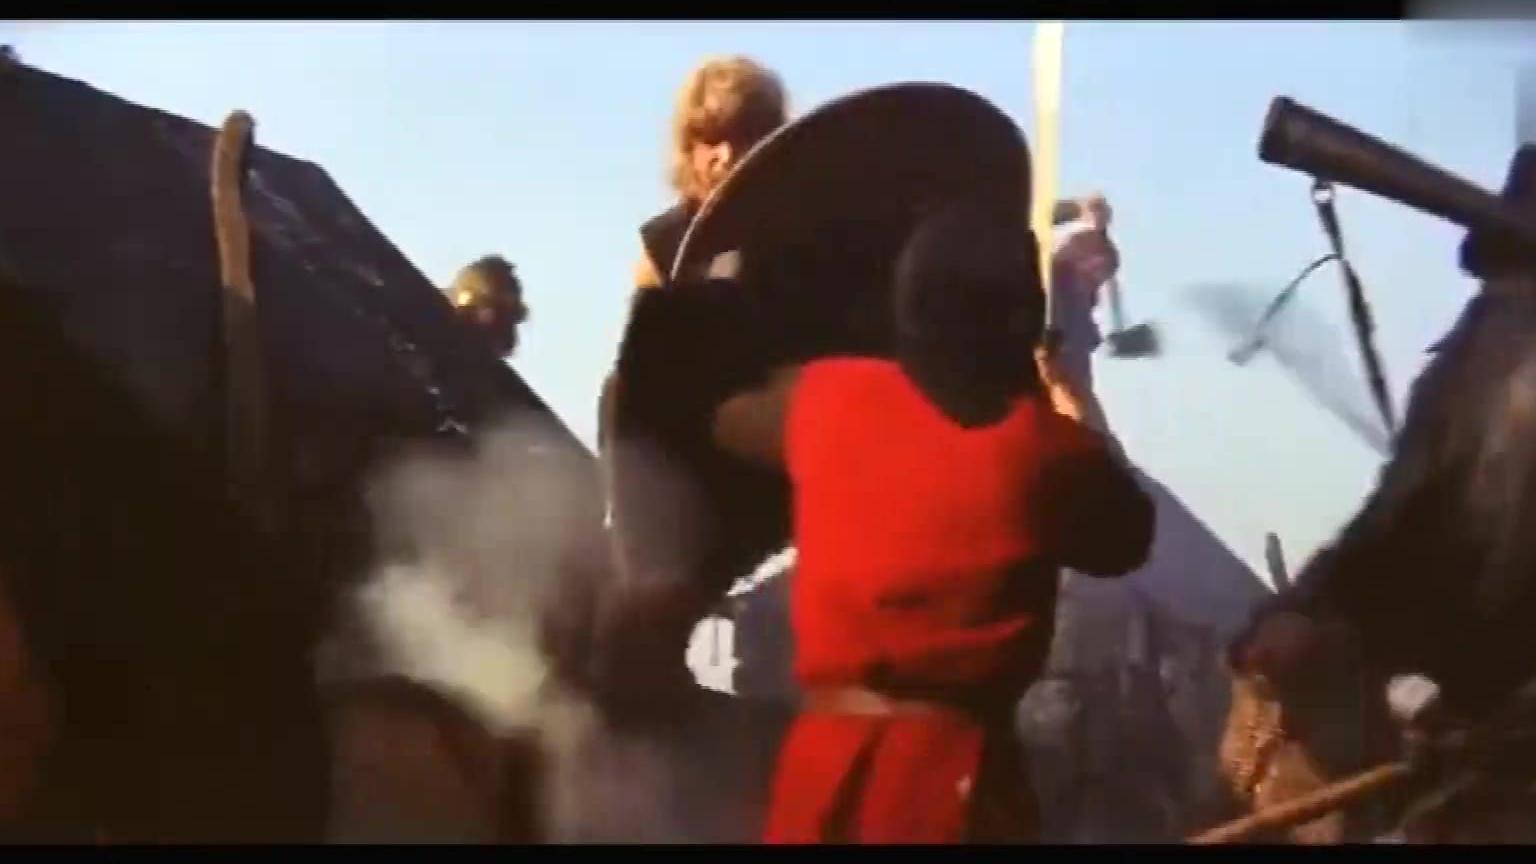 【电影剪辑】精彩的意大利历史战争片,维京人猛攻城池视死如归